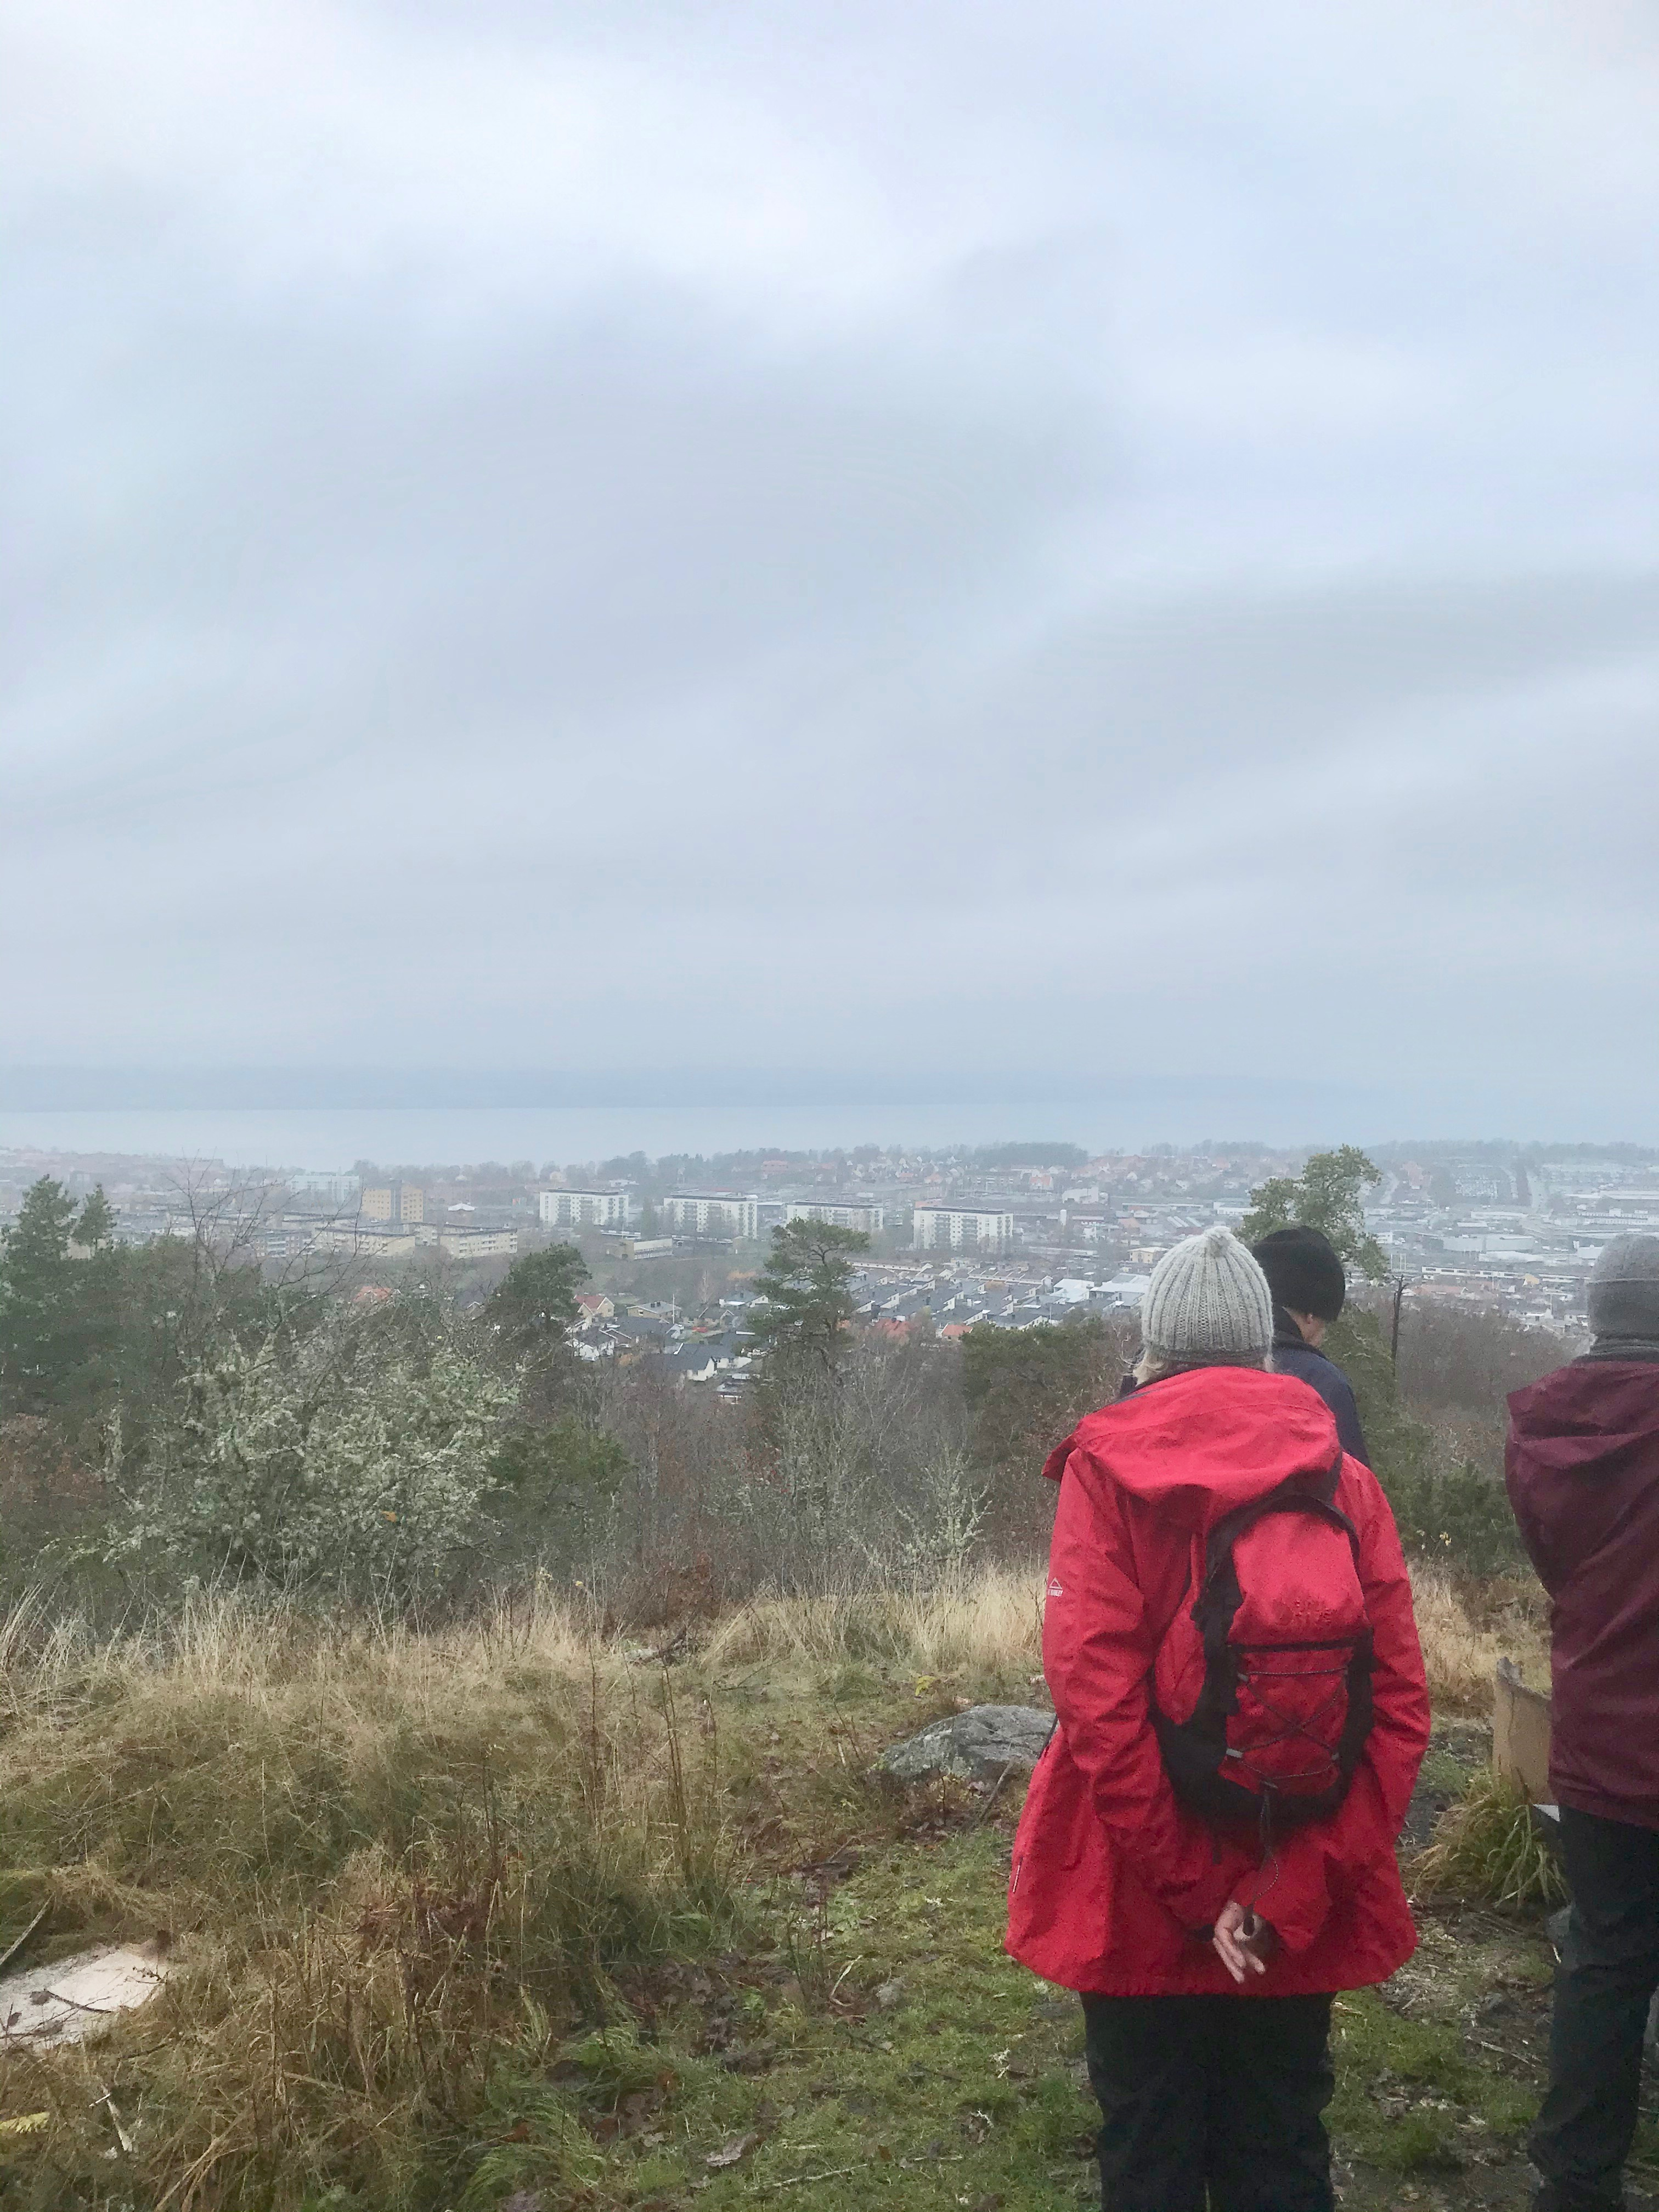 På en höjd är utsikten vid klart väder magnifik över Jönköping. I dag lade dimman en slöja över staden.